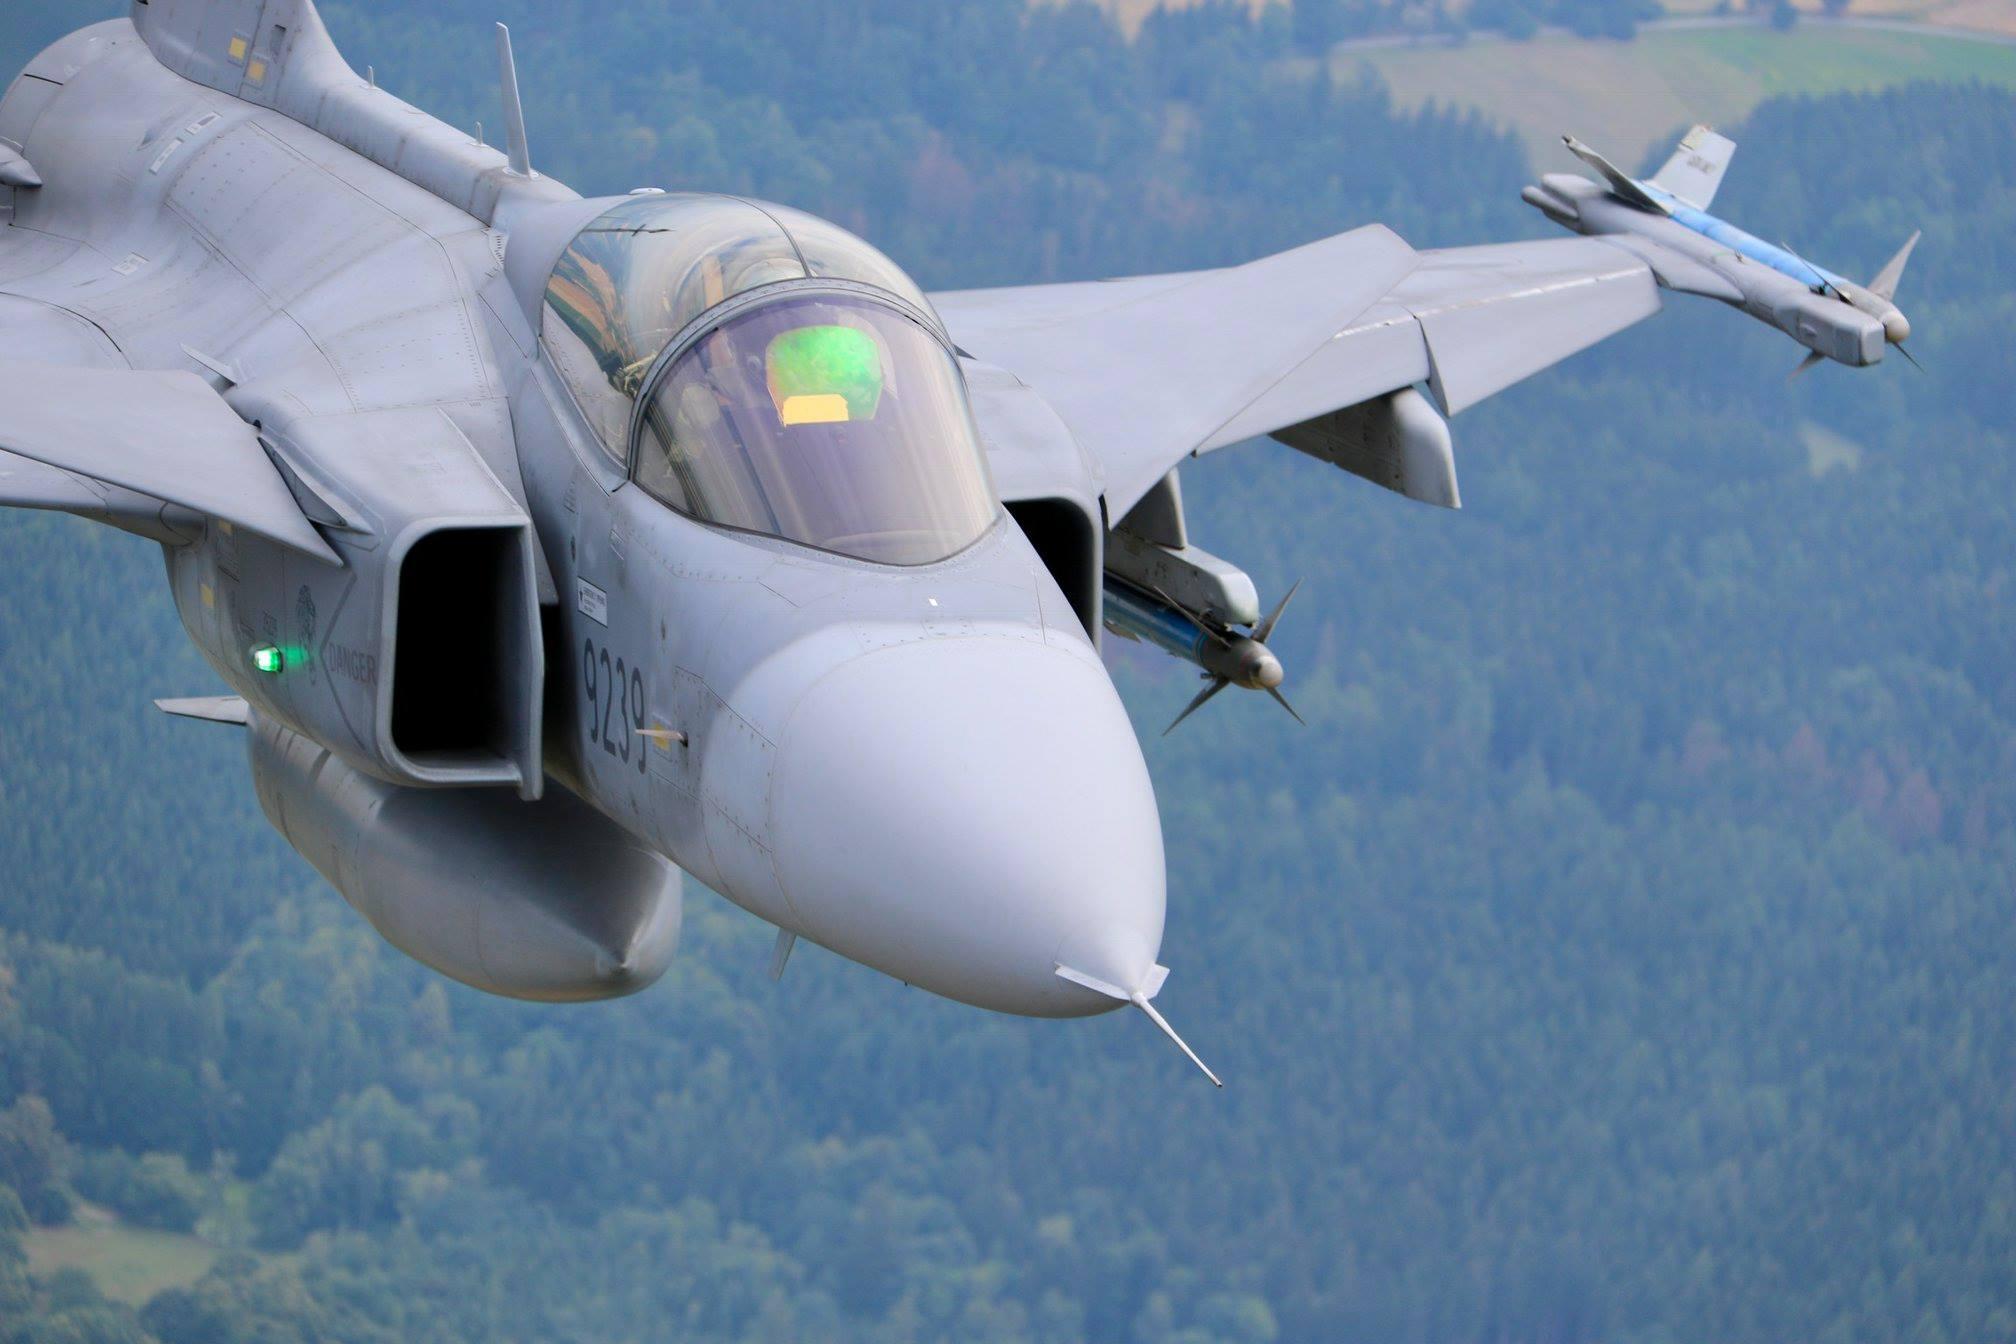 Armée tchèque/Czech Armed Forces - Page 11 37544491_1652997658162231_2446716192765771776_o-jpg